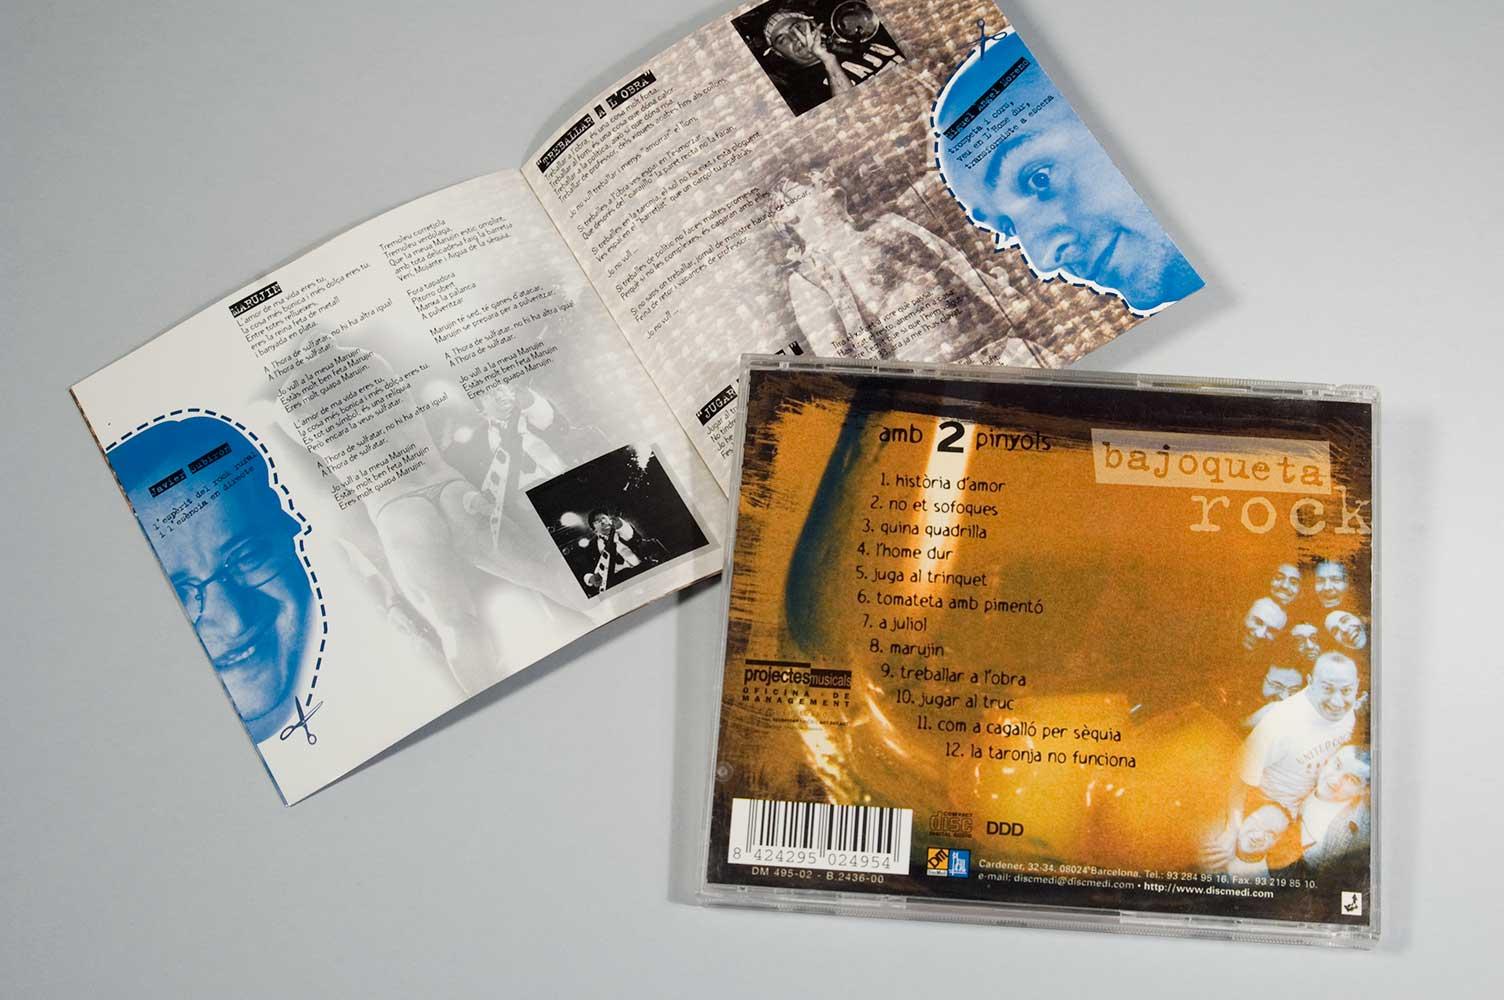 """Diseño CD Bajoqueta rock """"amb 2 pinyols"""""""